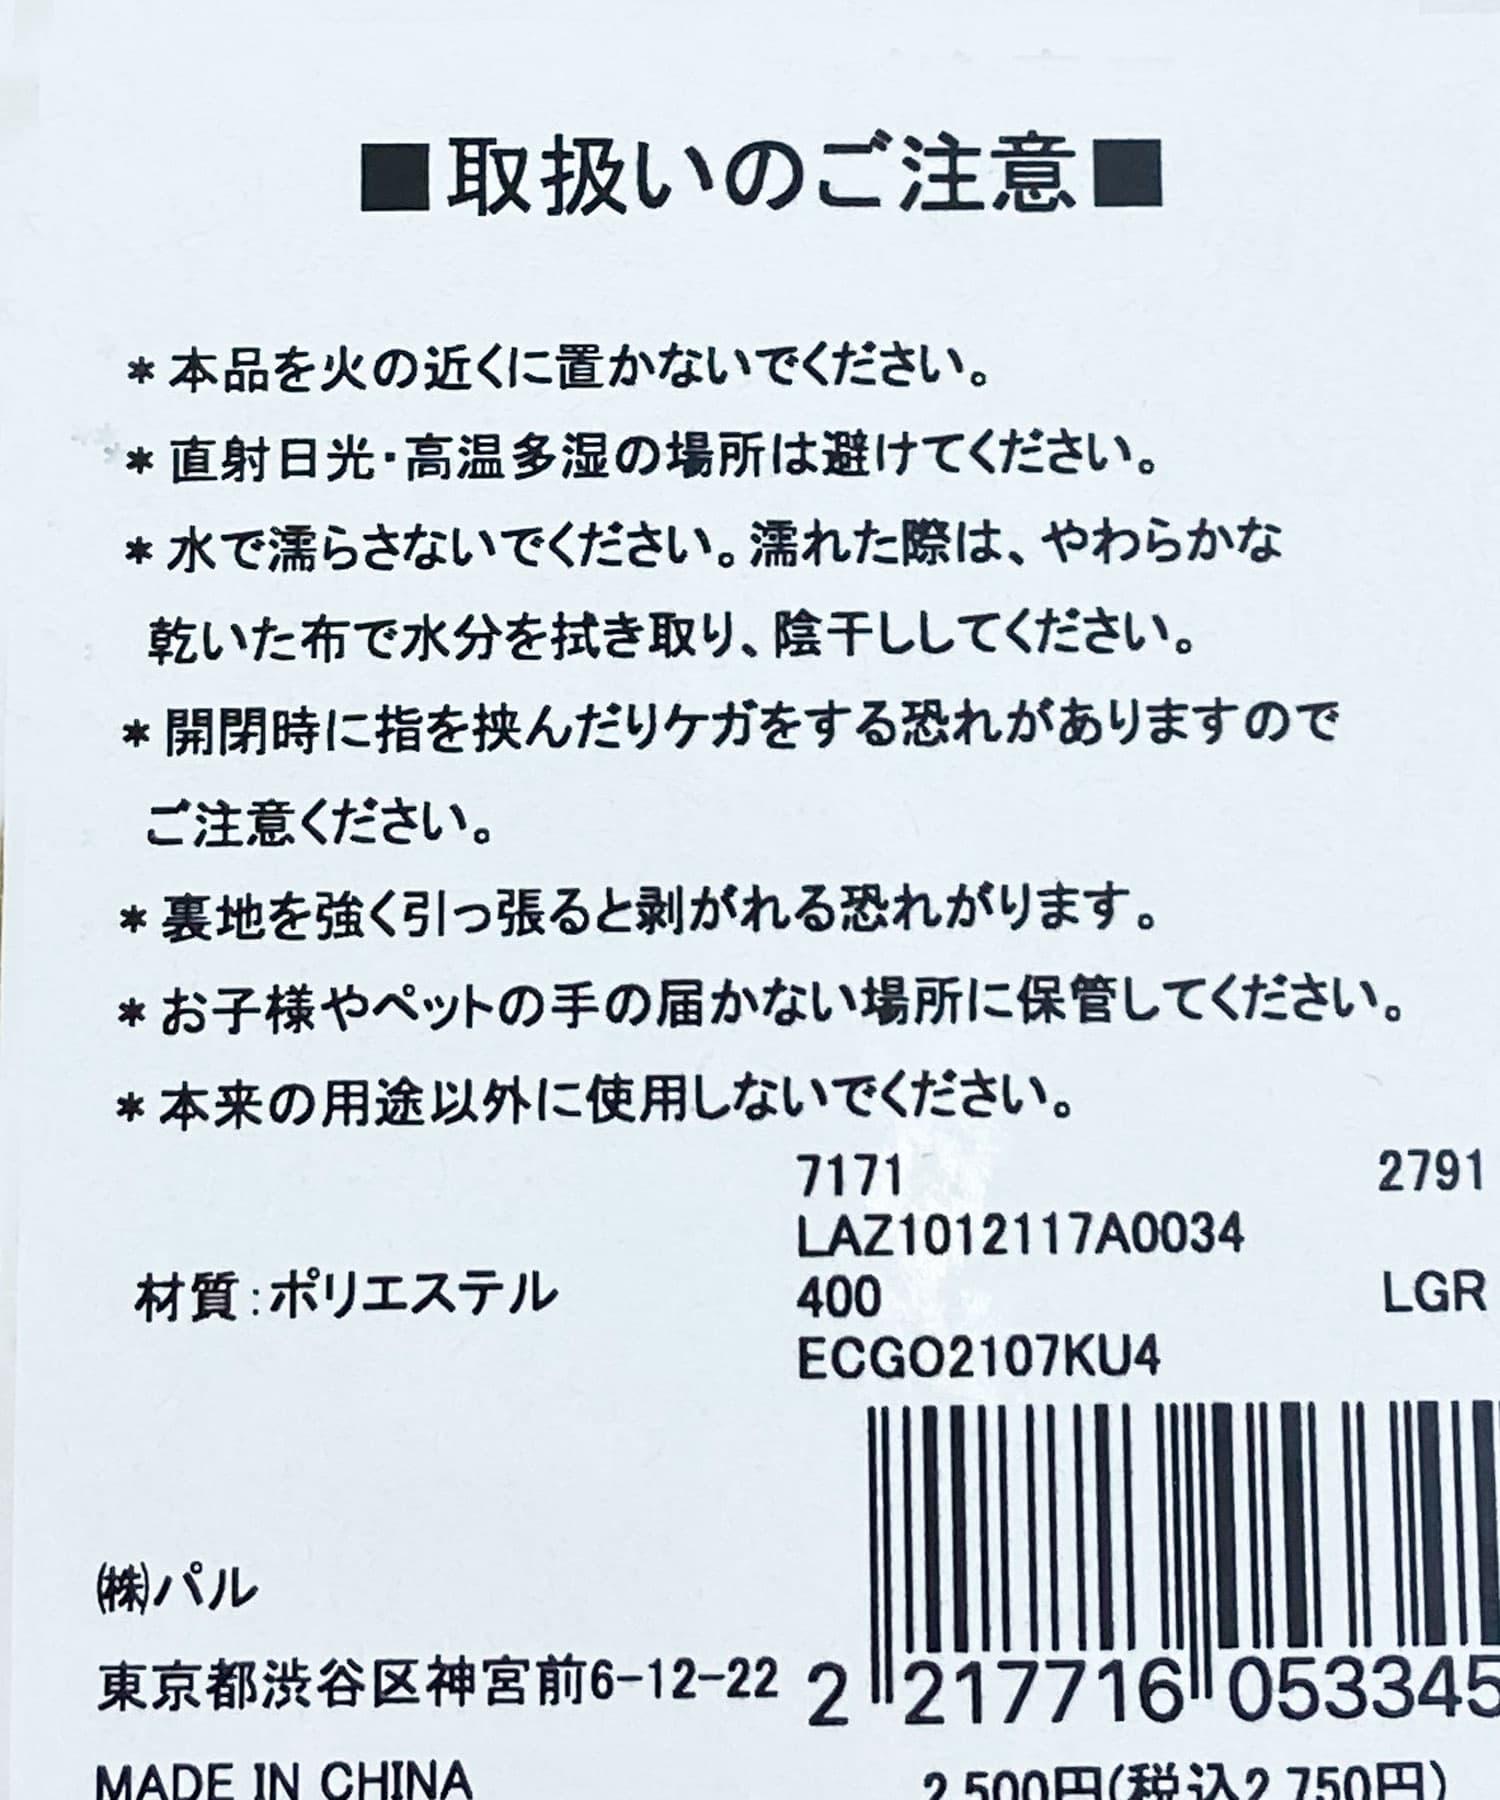 Lattice(ラティス) 【レトロ可愛い♡】ゴブランアクセサリーボックスL